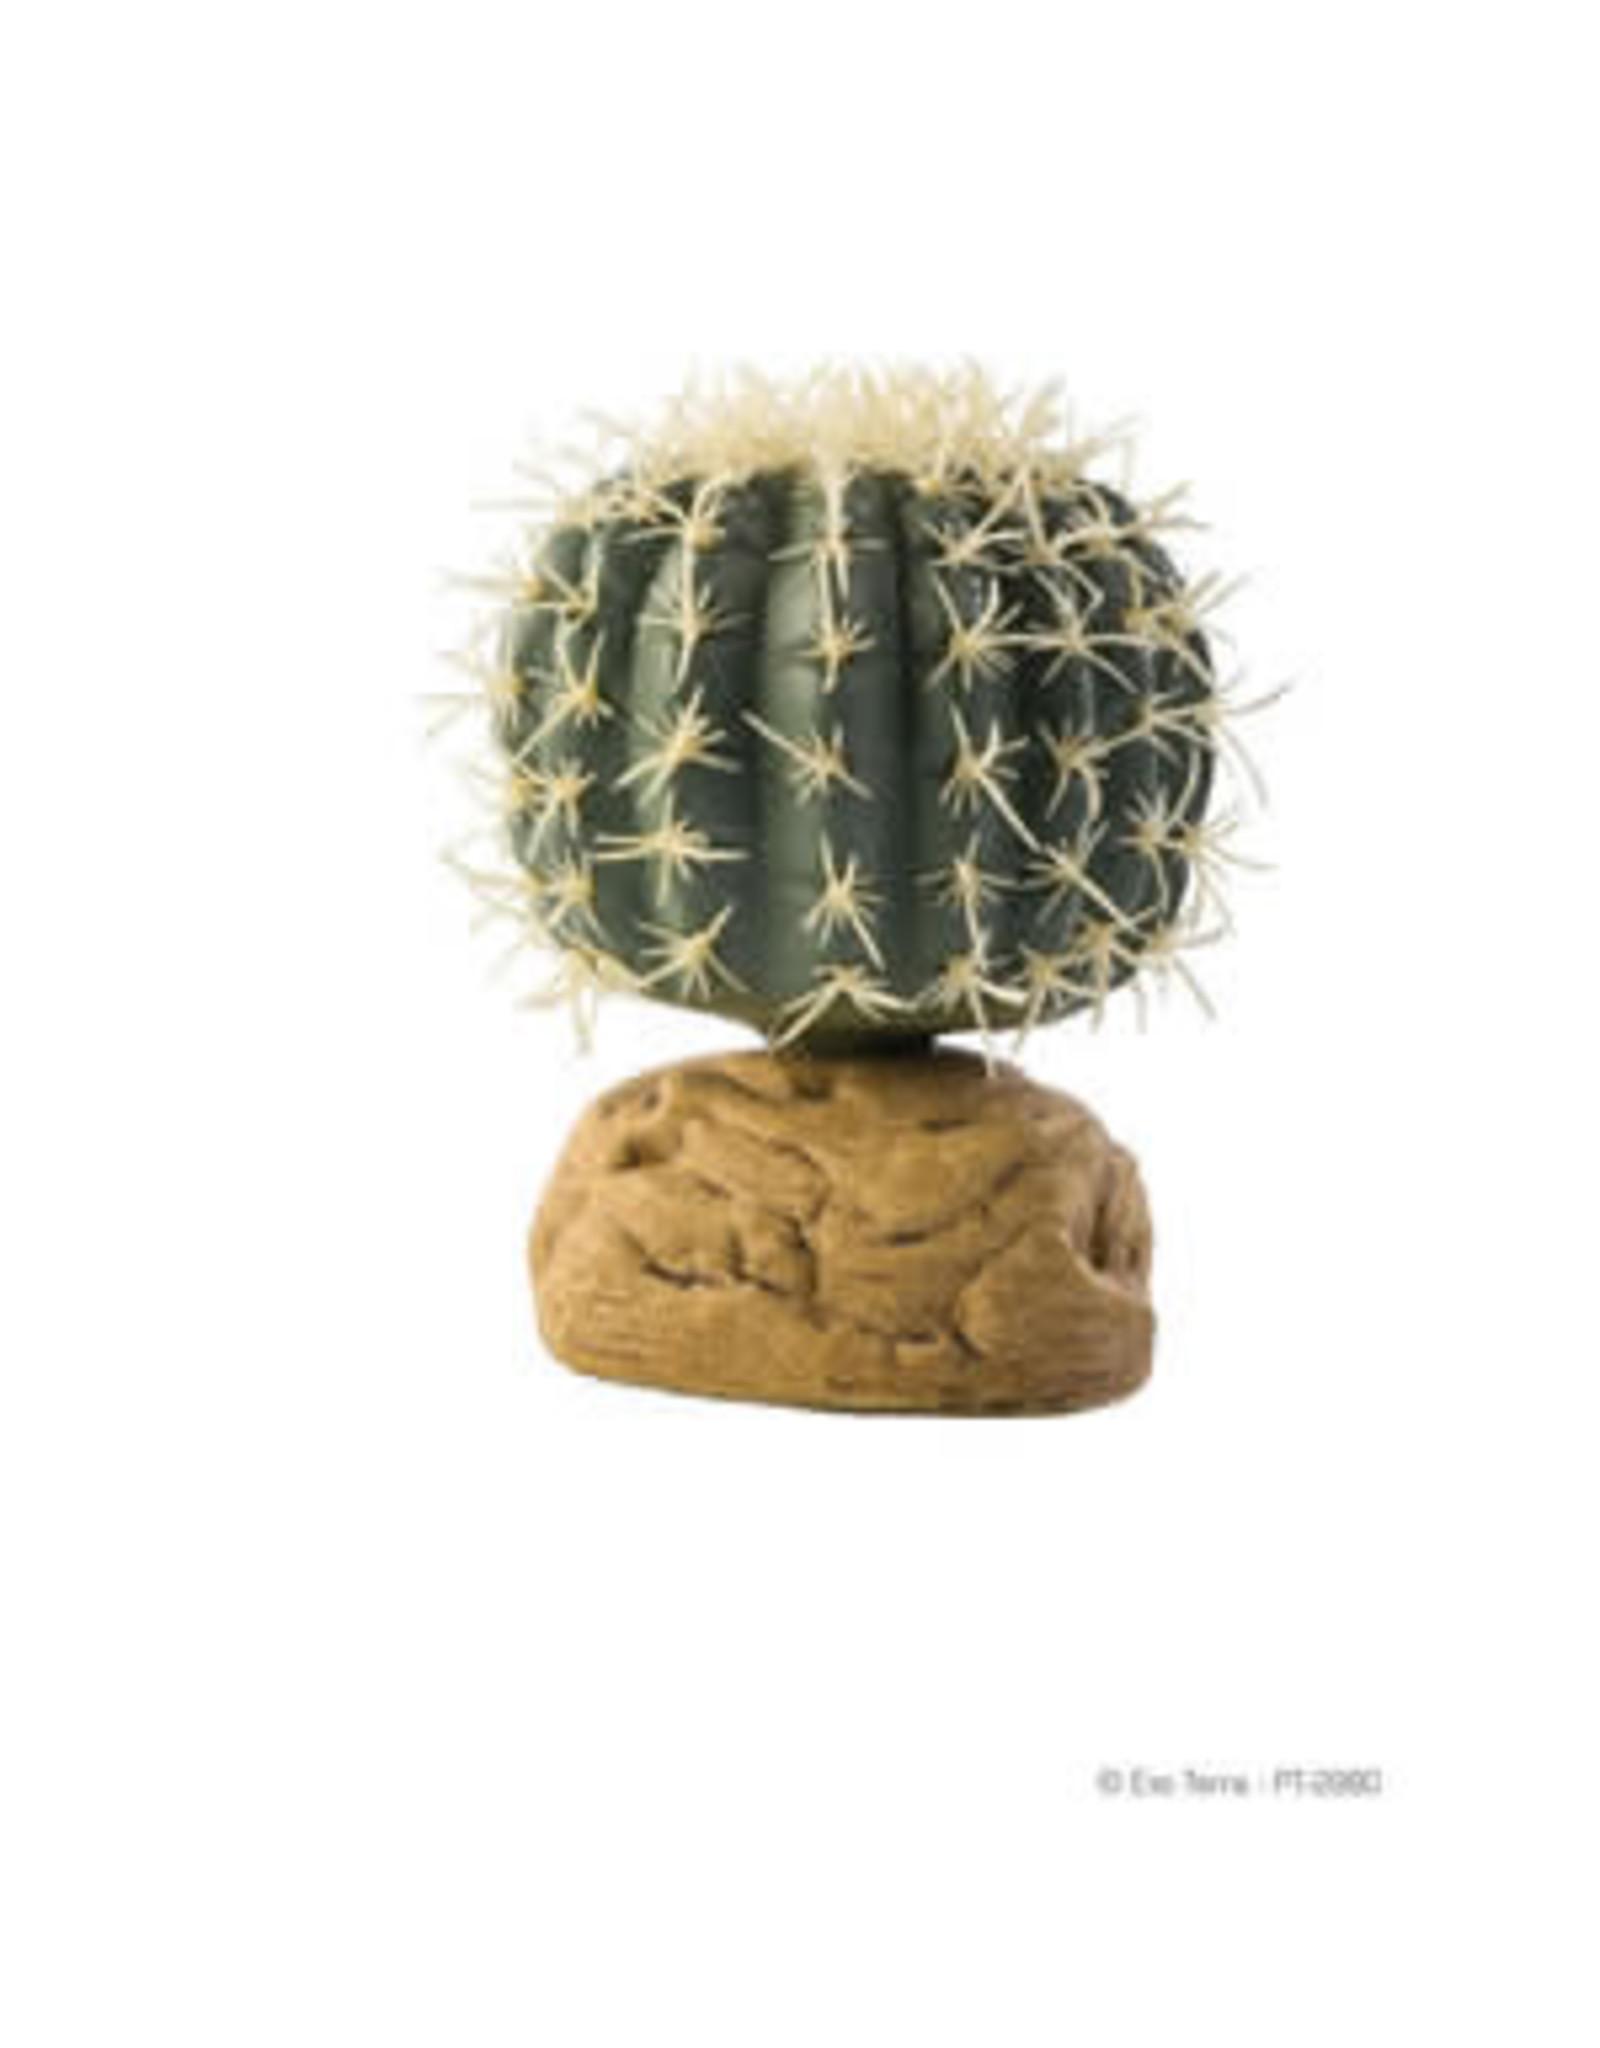 Exo Terra ET Barrel Cactus